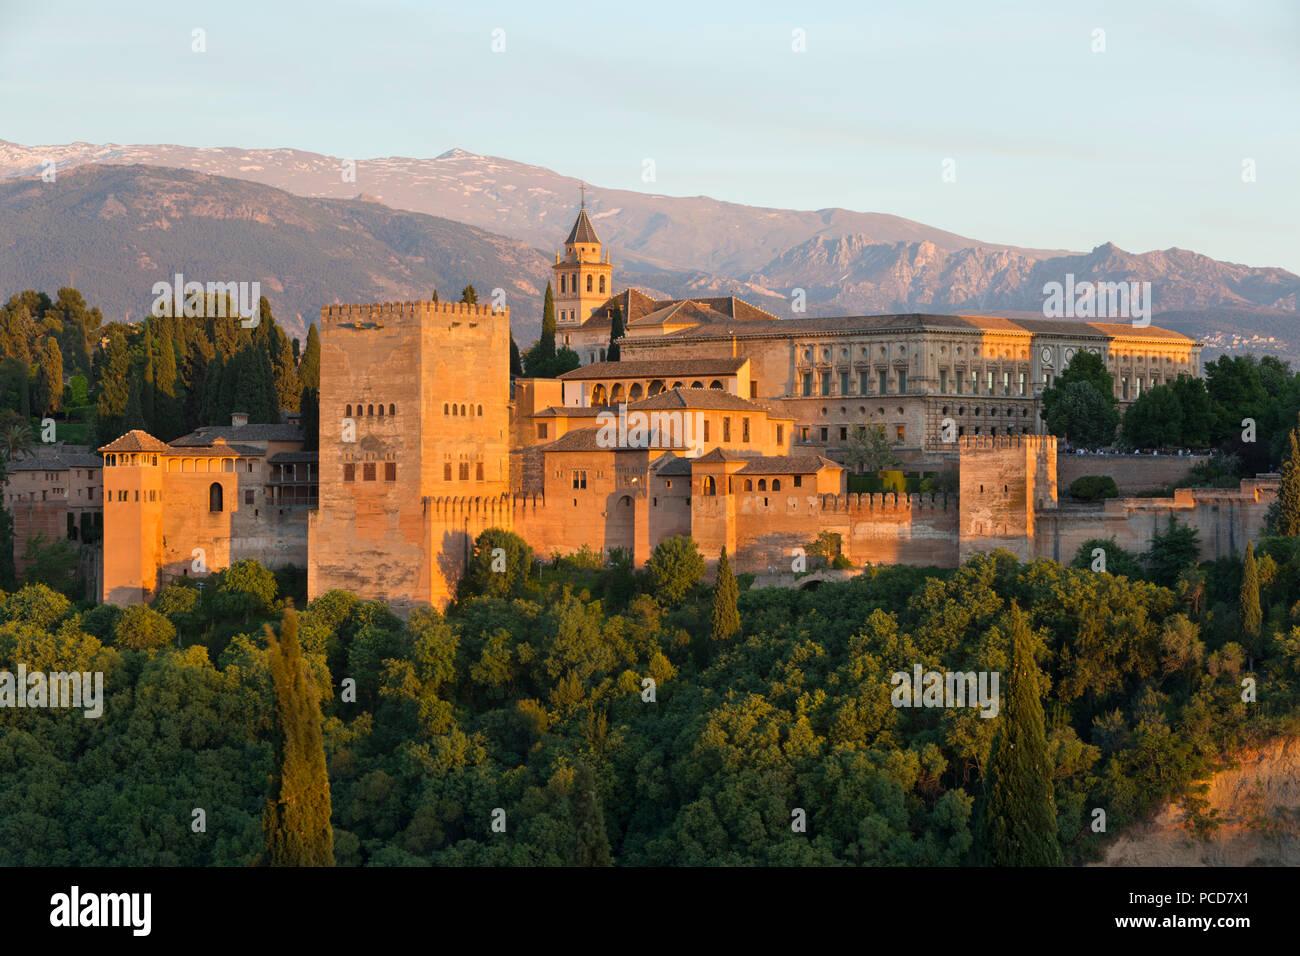 La Alhambra, Sitio del Patrimonio Mundial de la UNESCO, y montañas de Sierra Nevada en luz del atardecer desde el Mirador de San Nicolás, Granada, Andalucía, España, Europa Imagen De Stock